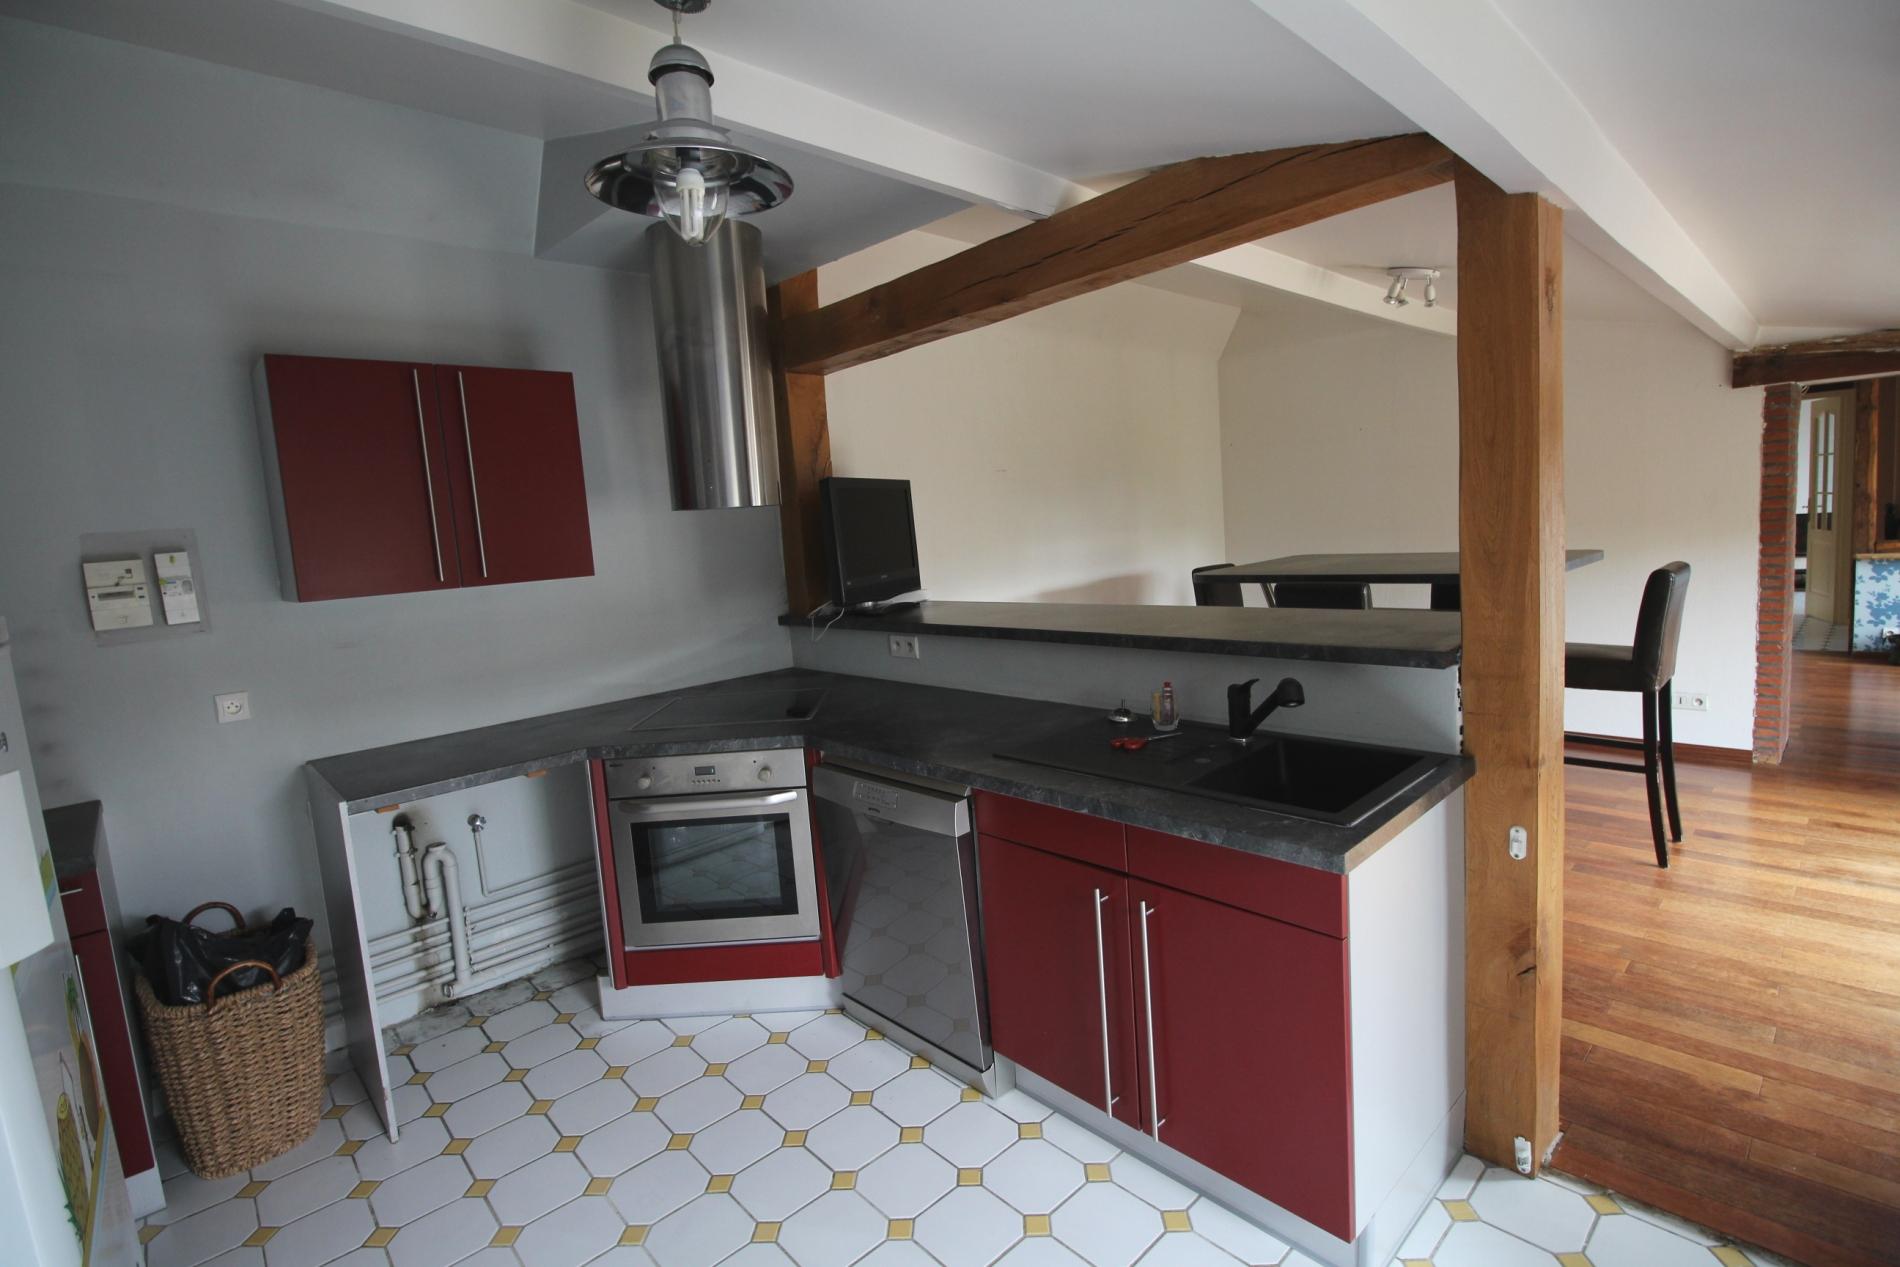 Acheter vente d 39 une maison de ville en briques yvetot for Garage a yvetot